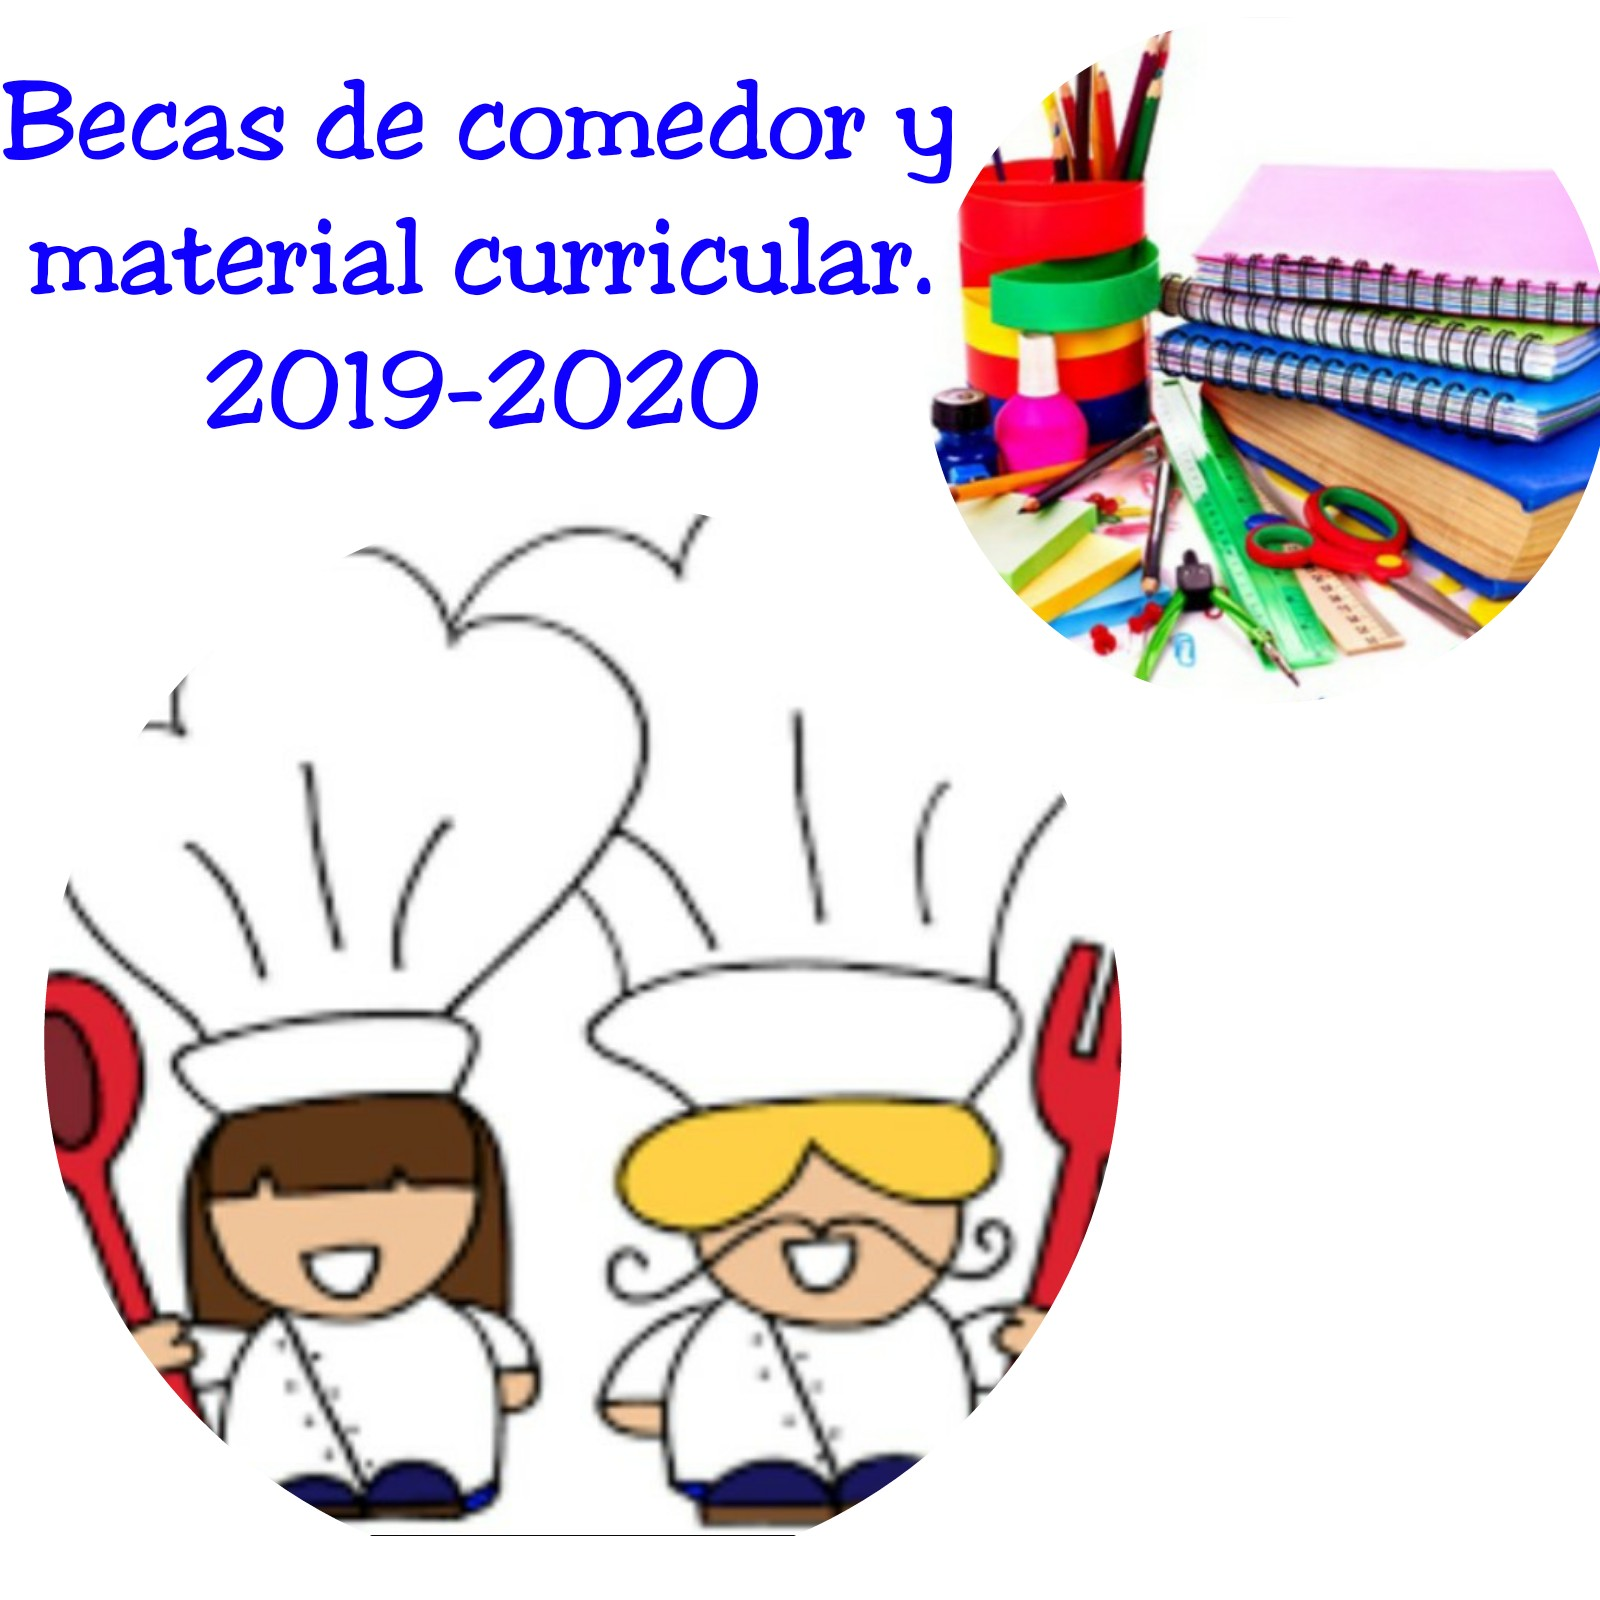 Becas comedor/material curricular 2019-2020 | Claretianas ...